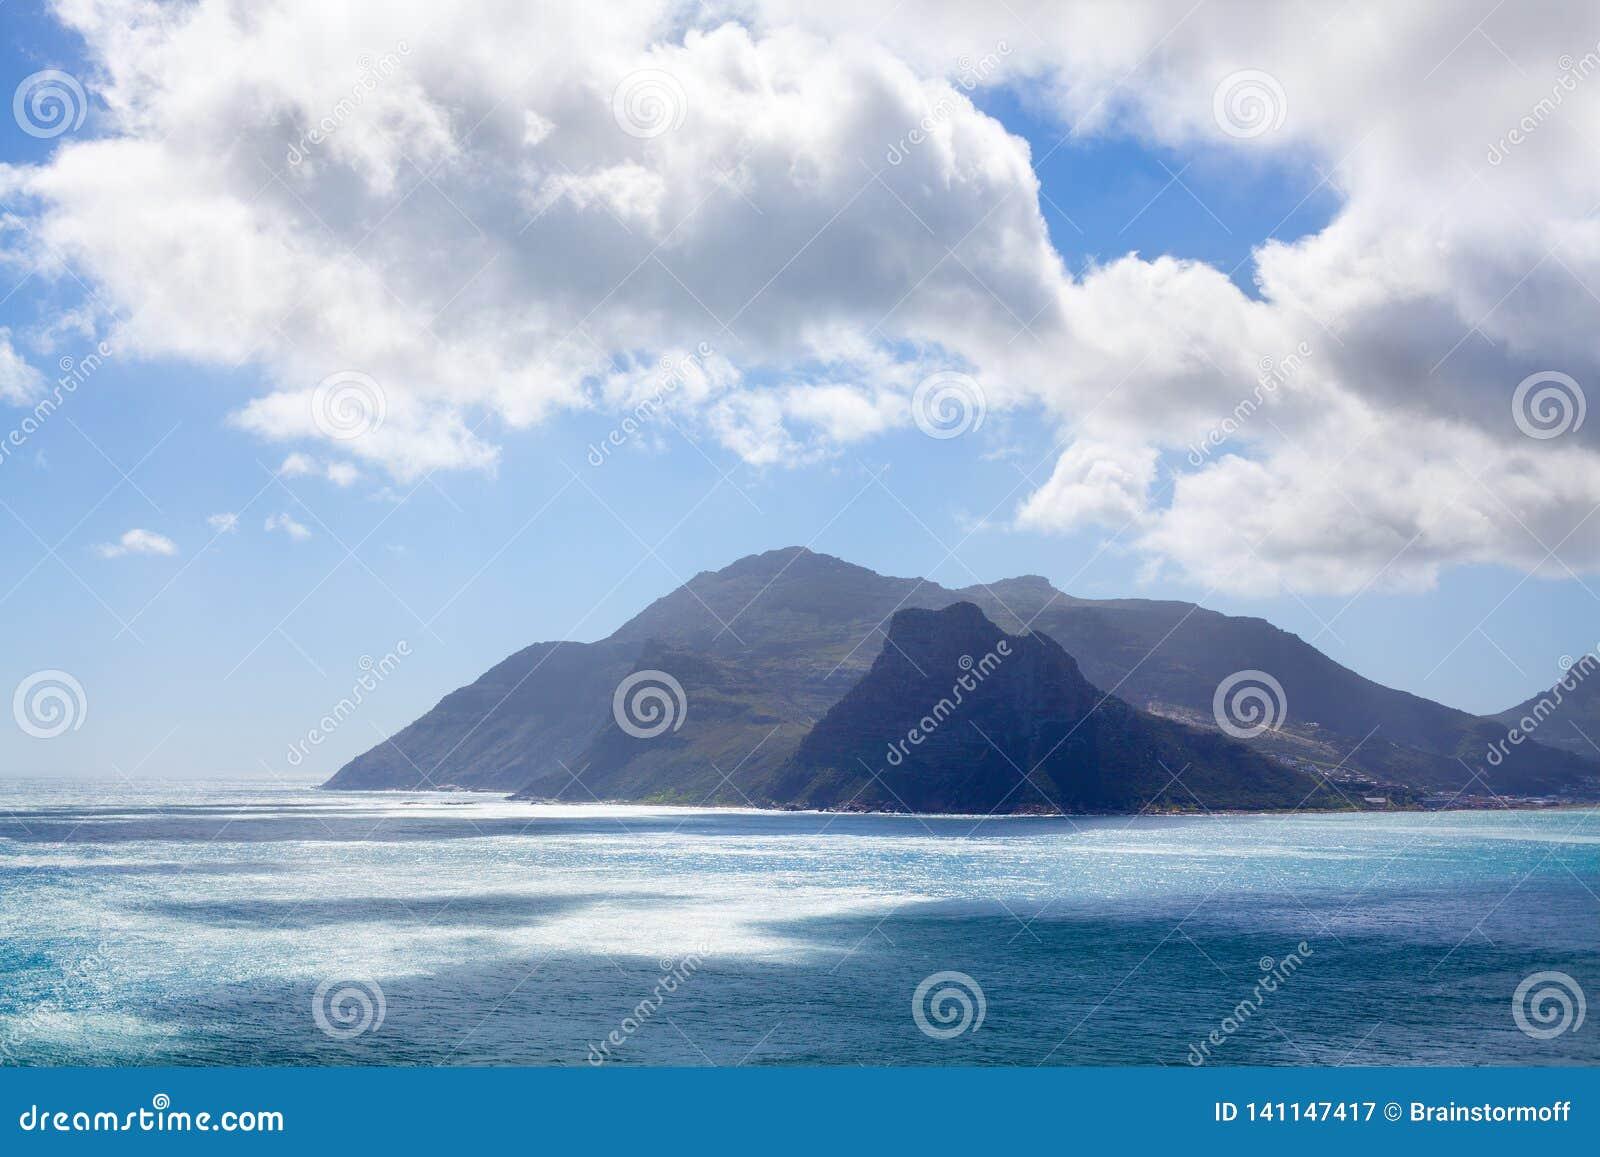 Agua del océano de la turquesa del paisaje marino, cielo azul, panorama blanco de las nubes, paisaje del Mountain View, viaje de